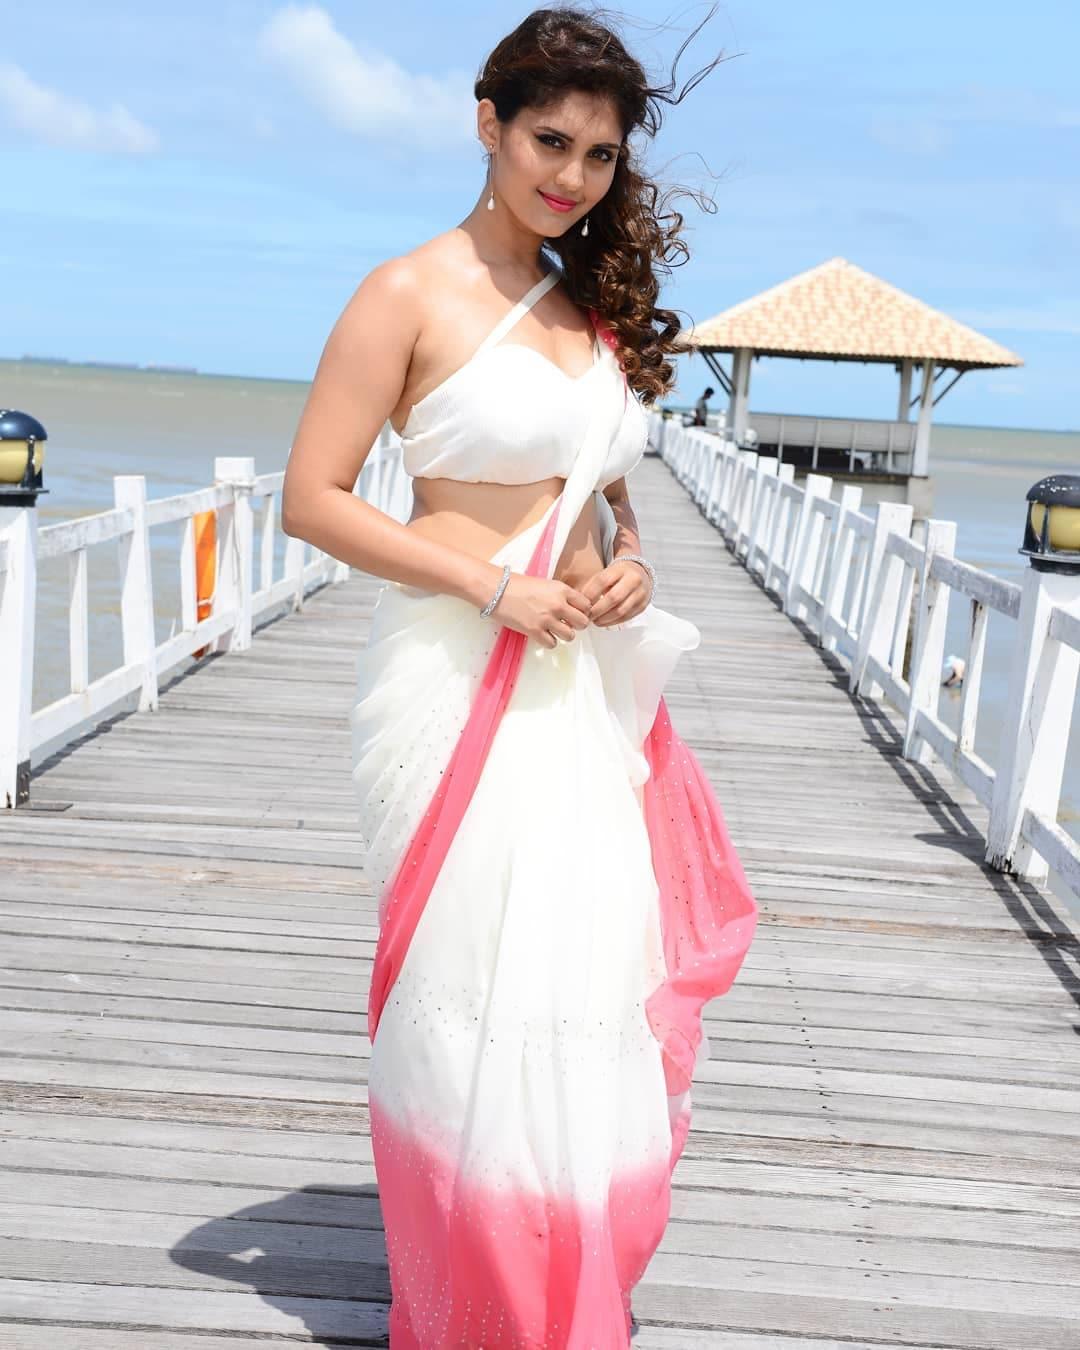 సురభి (Photo: www.instagram.com/surofficial/)